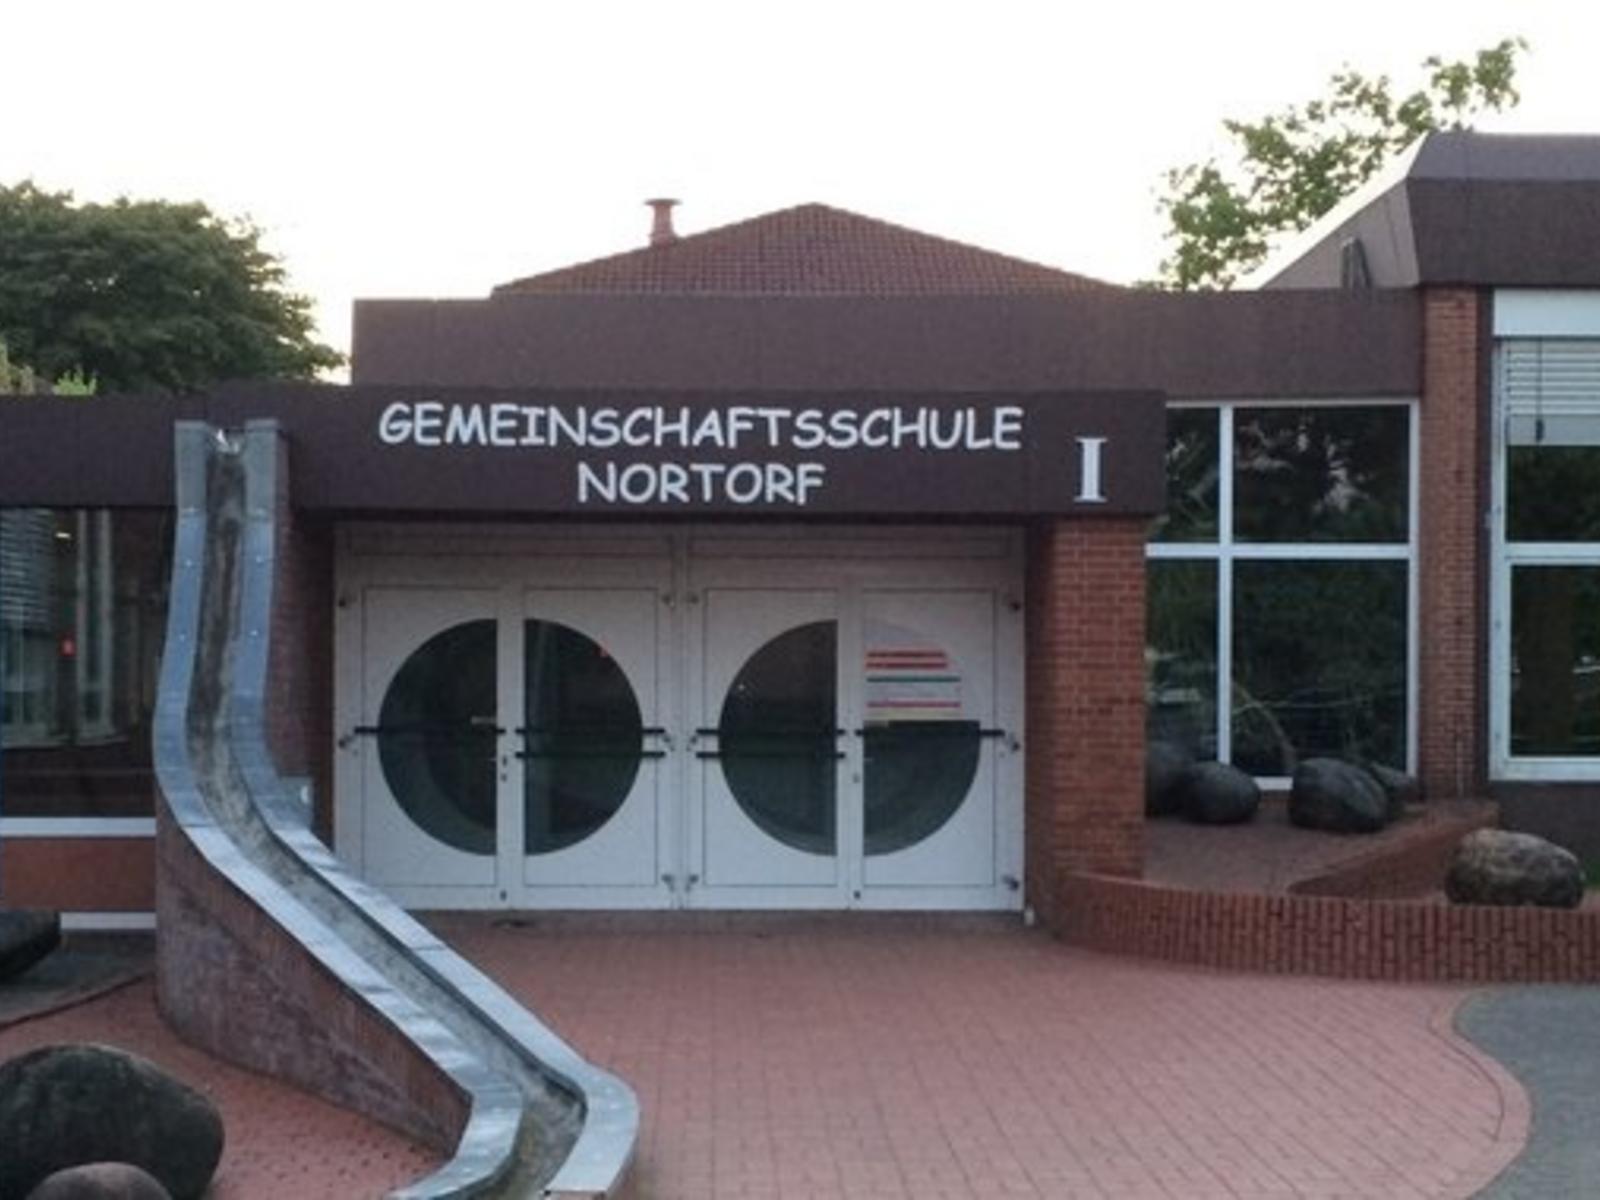 Gemeinschaftsschule Nortorf Reference 4 3